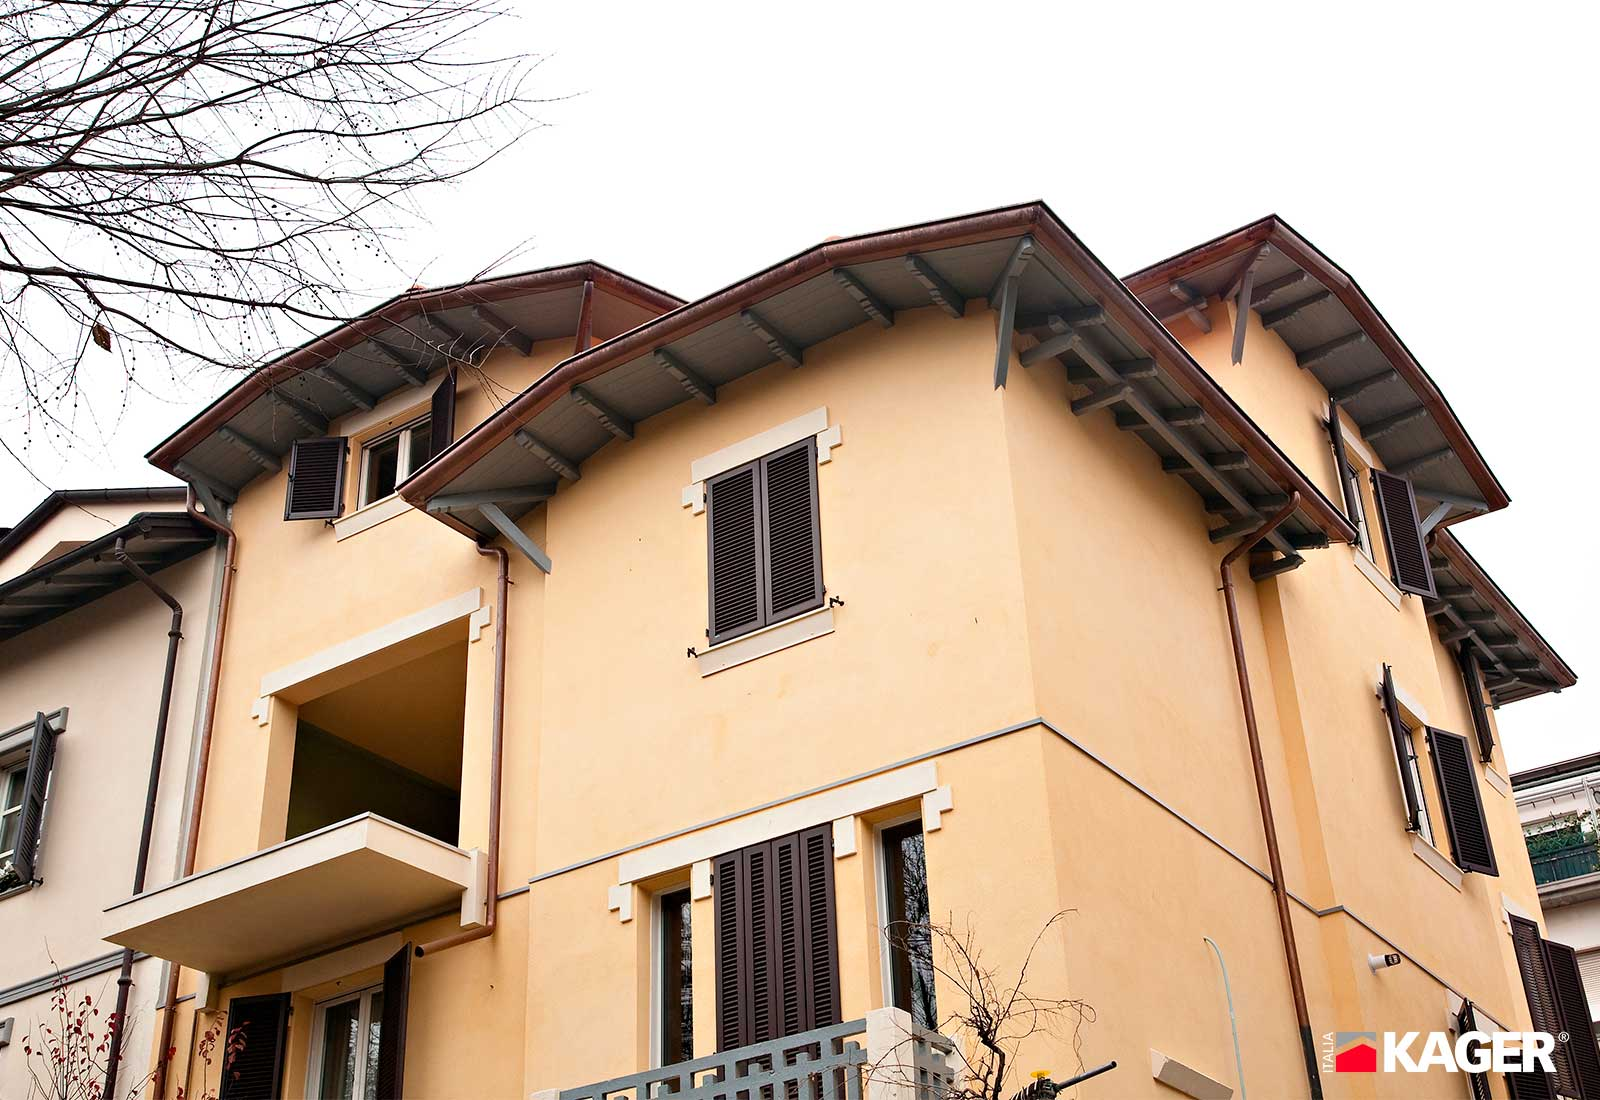 Casa-in-legno-Parma-sopraelevazione-Kager-Italia-04